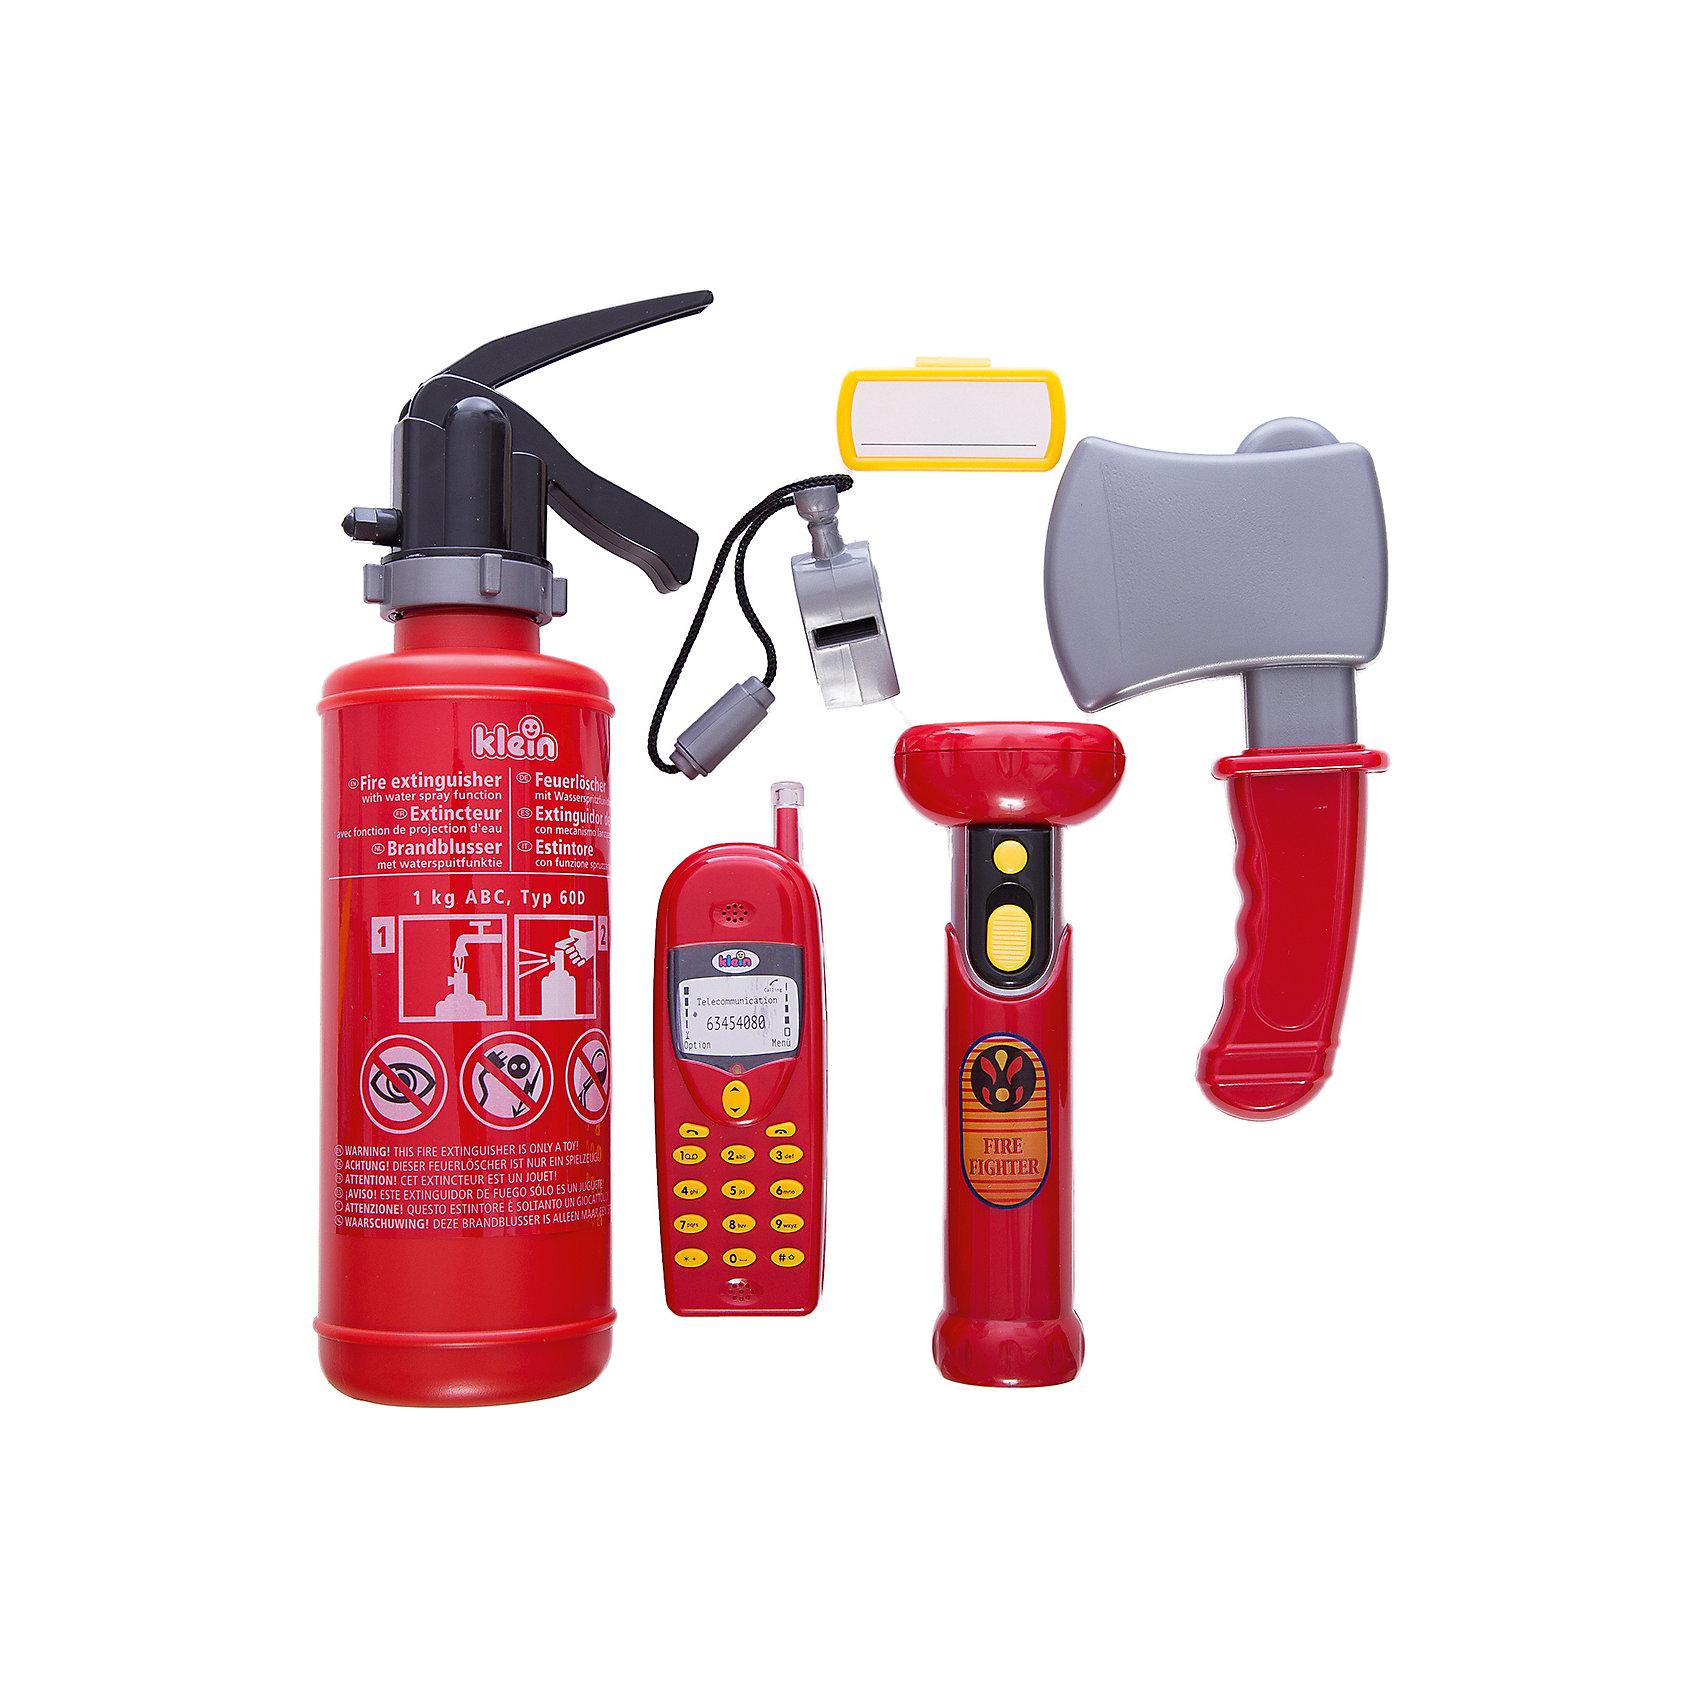 Набор пожарного, KleinМастерская и инструменты<br>Набор пожарного, Klein (Кляйн) поможет ребенку научиться бороться с игрушечным огнем. Нажмите на кнопку рупора - и вы услышите звуки пожарных машин. Огнетушитель способен распылять воду, как настоящий пульверизатор. Главное, не забудьте заполнить его водой. С таким комплектом игрушки всегда будут в безопасности!<br><br>Дополнительная информация:<br>В комплекте: топор, свисток, фонарик со светом, рупор, бейдж, огнетушитель<br>Батарейки: АА - 2шт. и ААА - 3 шт. (В комплект не входят)<br>Вес: 940 грамм<br>Размер упаковки: 32х29х9 см<br><br>Набор пожарного, Klein (Кляйн) можно приобрести в нашем интернет-магазине.<br><br>Ширина мм: 280<br>Глубина мм: 230<br>Высота мм: 100<br>Вес г: 700<br>Возраст от месяцев: 36<br>Возраст до месяцев: 96<br>Пол: Мужской<br>Возраст: Детский<br>SKU: 2467413